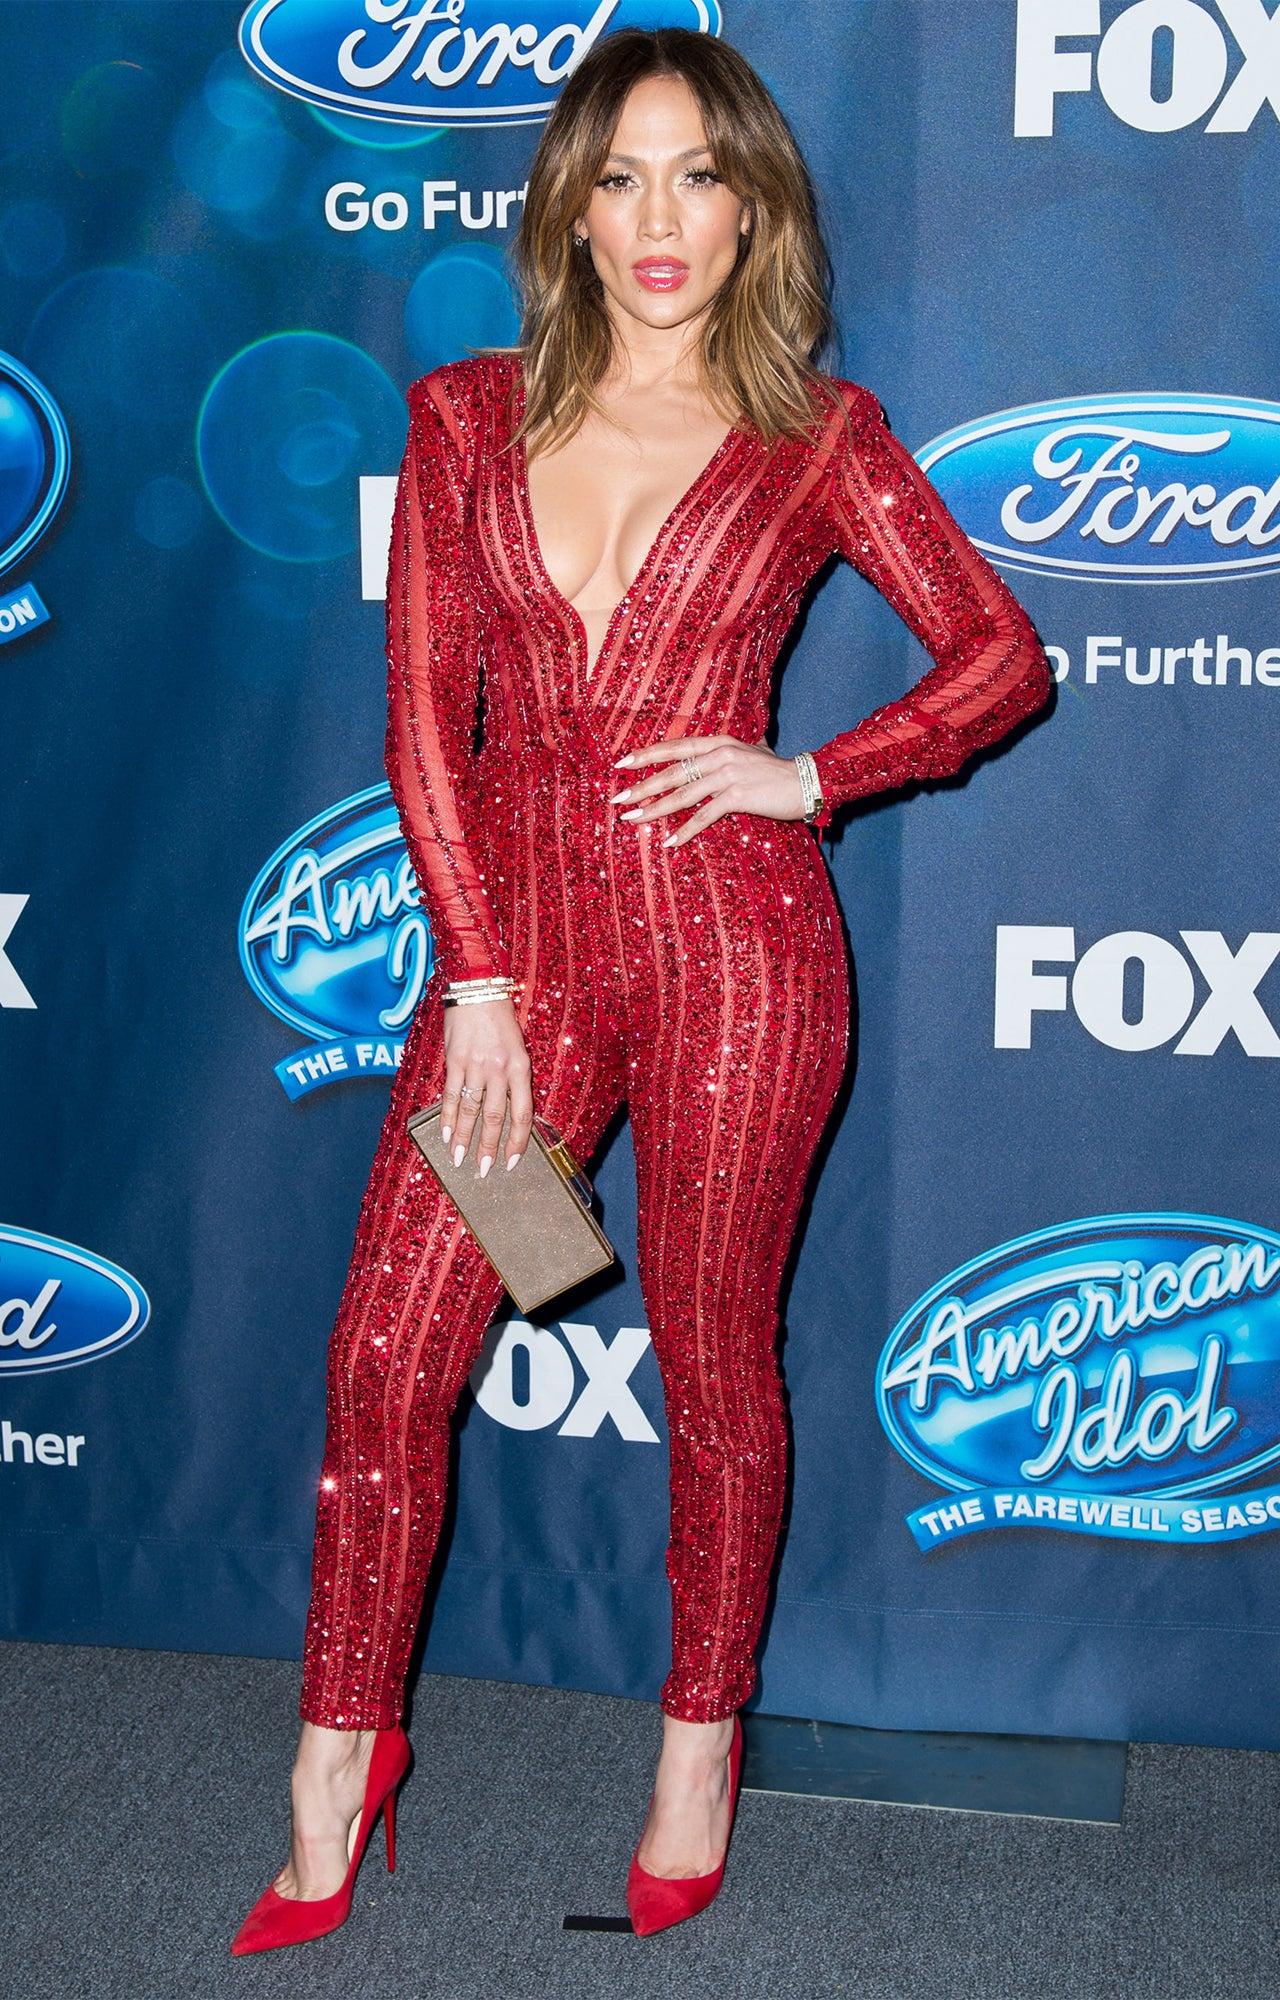 Jennifer Lopez's 19 Best 'American Idol' Moments